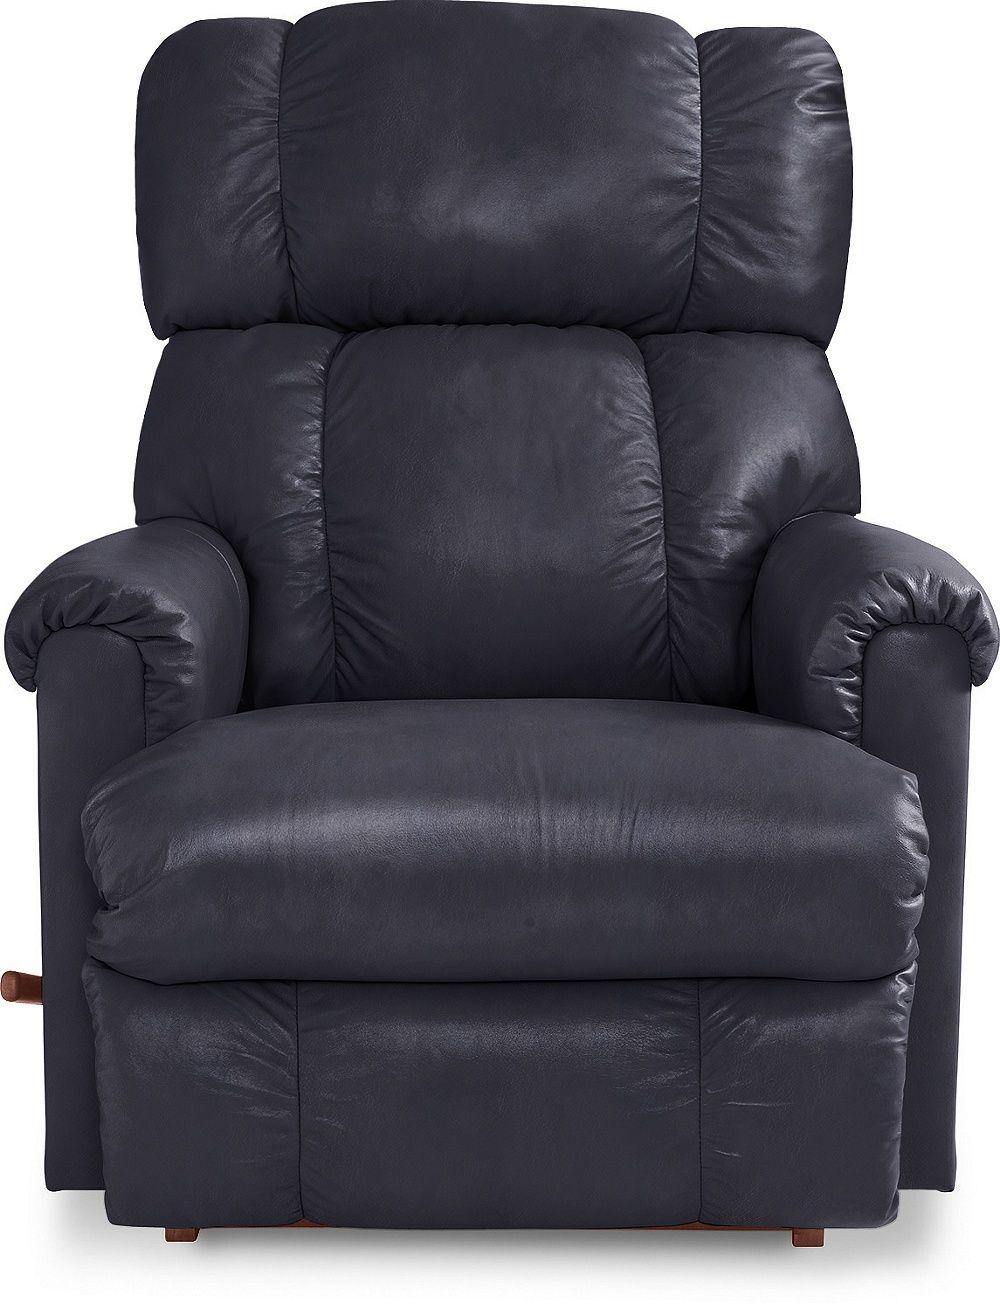 Best Pinnacle Wall Recliner Swivel Rocker Recliner Chair 640 x 480